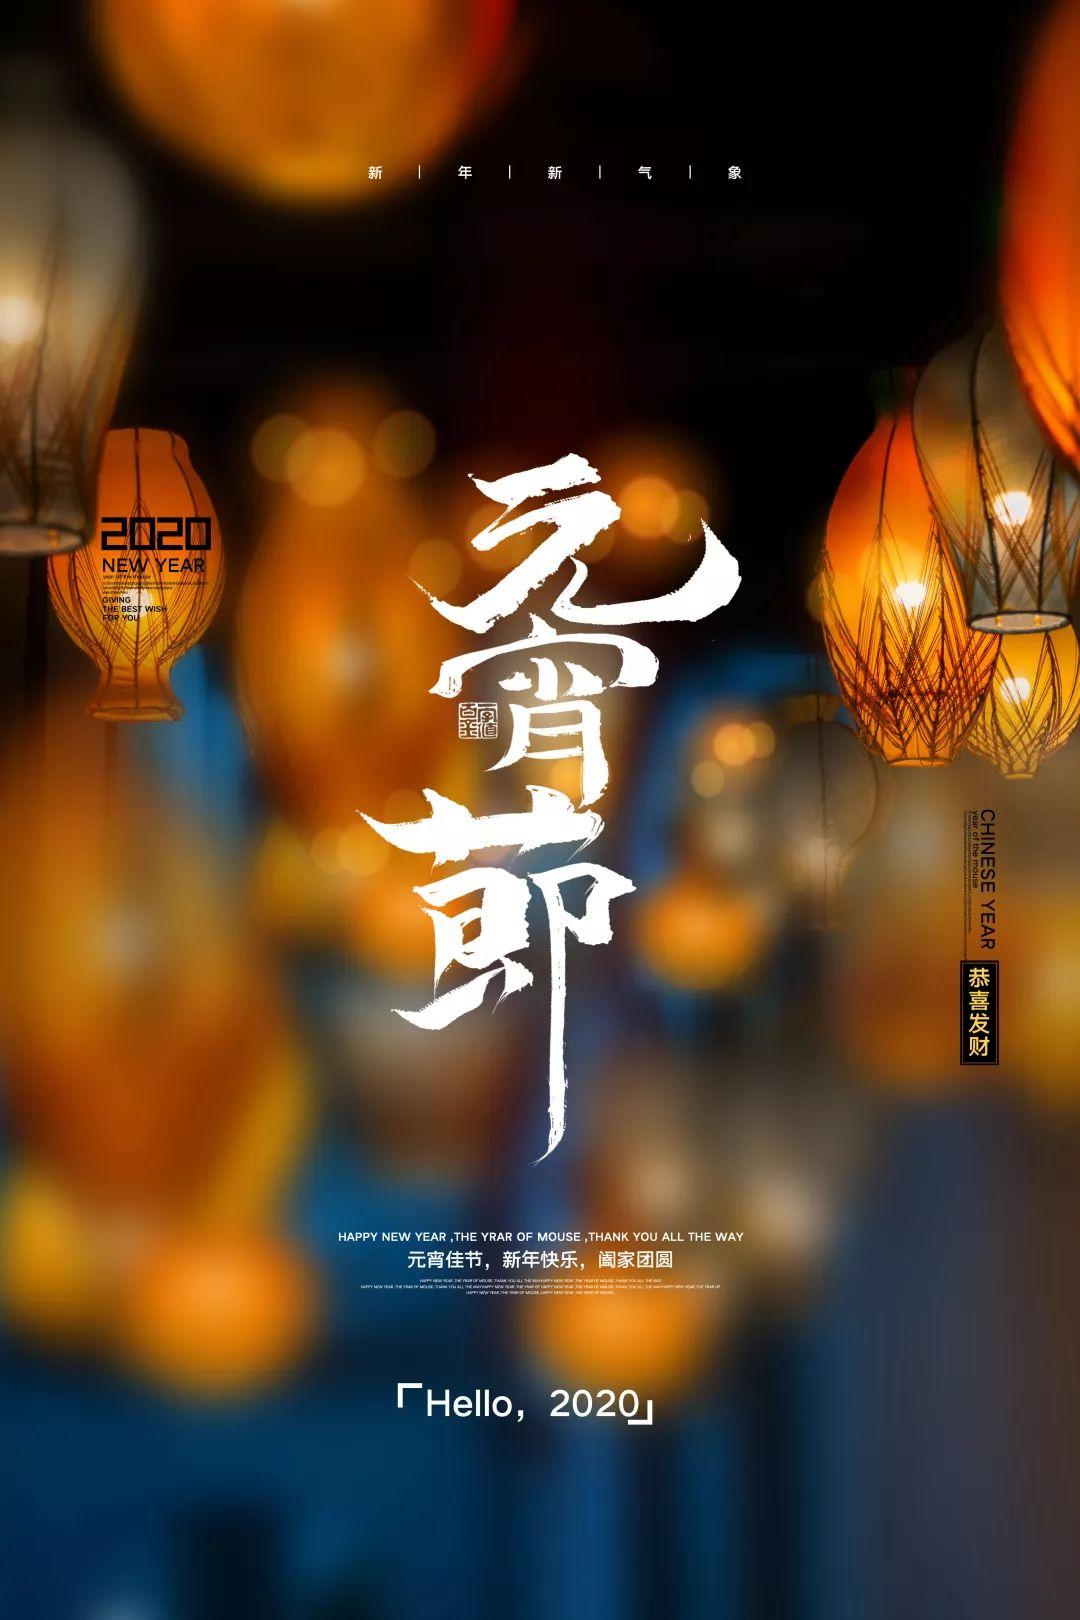 北京人的正月十五,不止有吃元宵这么简单